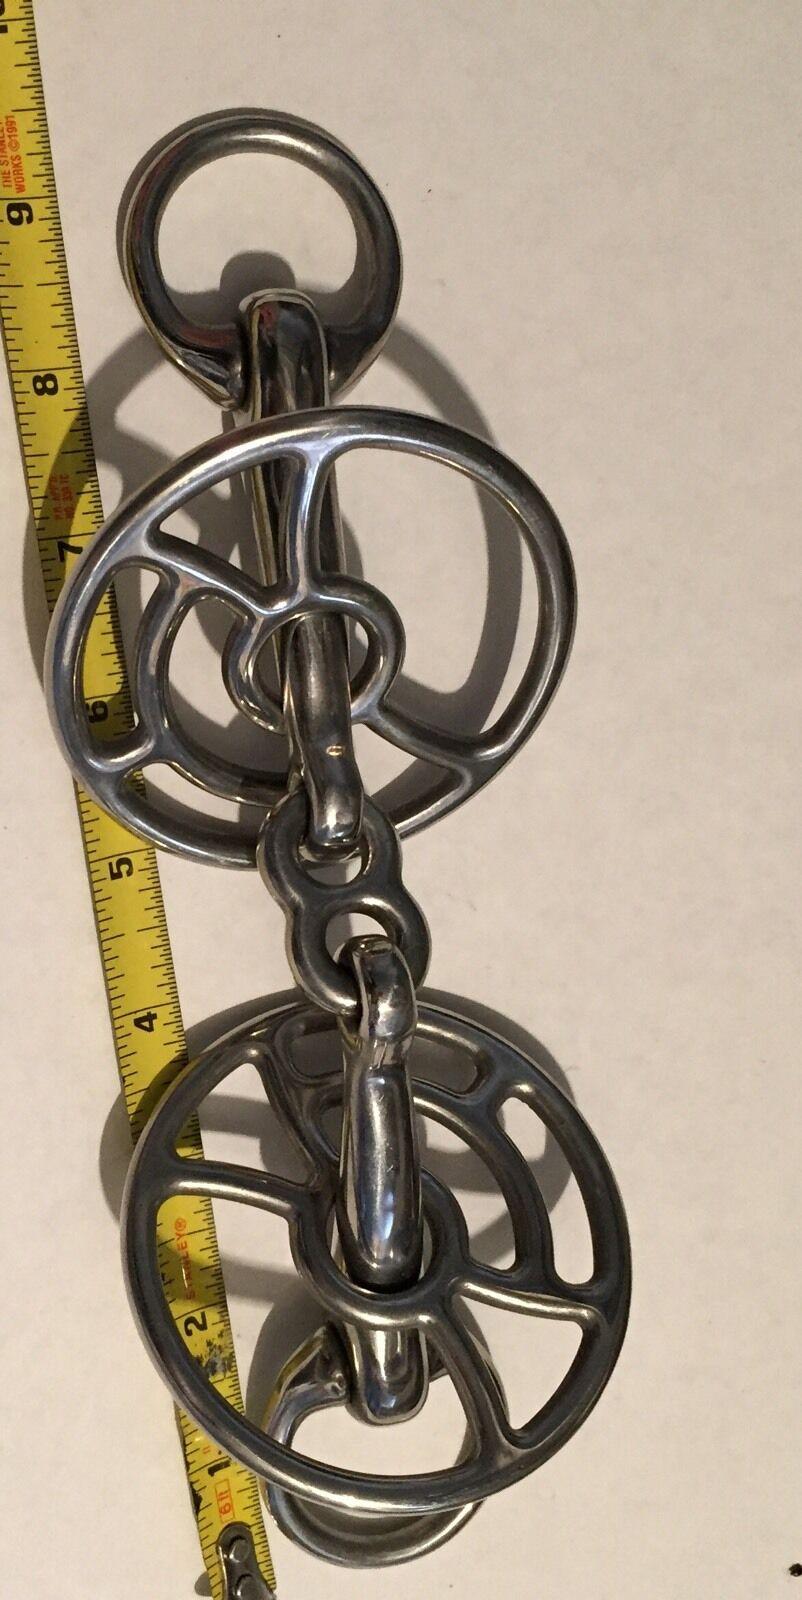 Massives Stainless Steel Steel Steel Kreis Seite Zieh Beere Bit    Um Zuerst Unter ähnlichen Produkten Rang  f1c42a